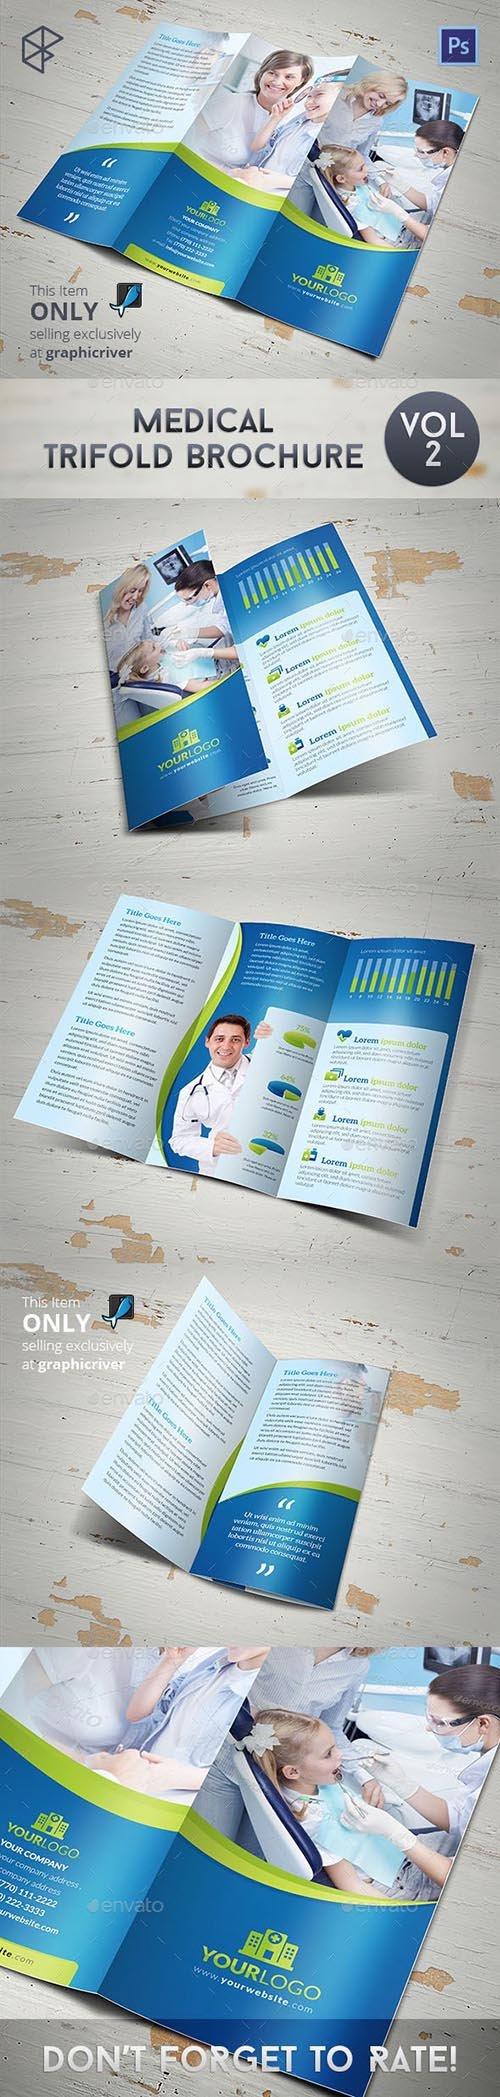 GR - Medical Trifold Brochure Vol2 8005155